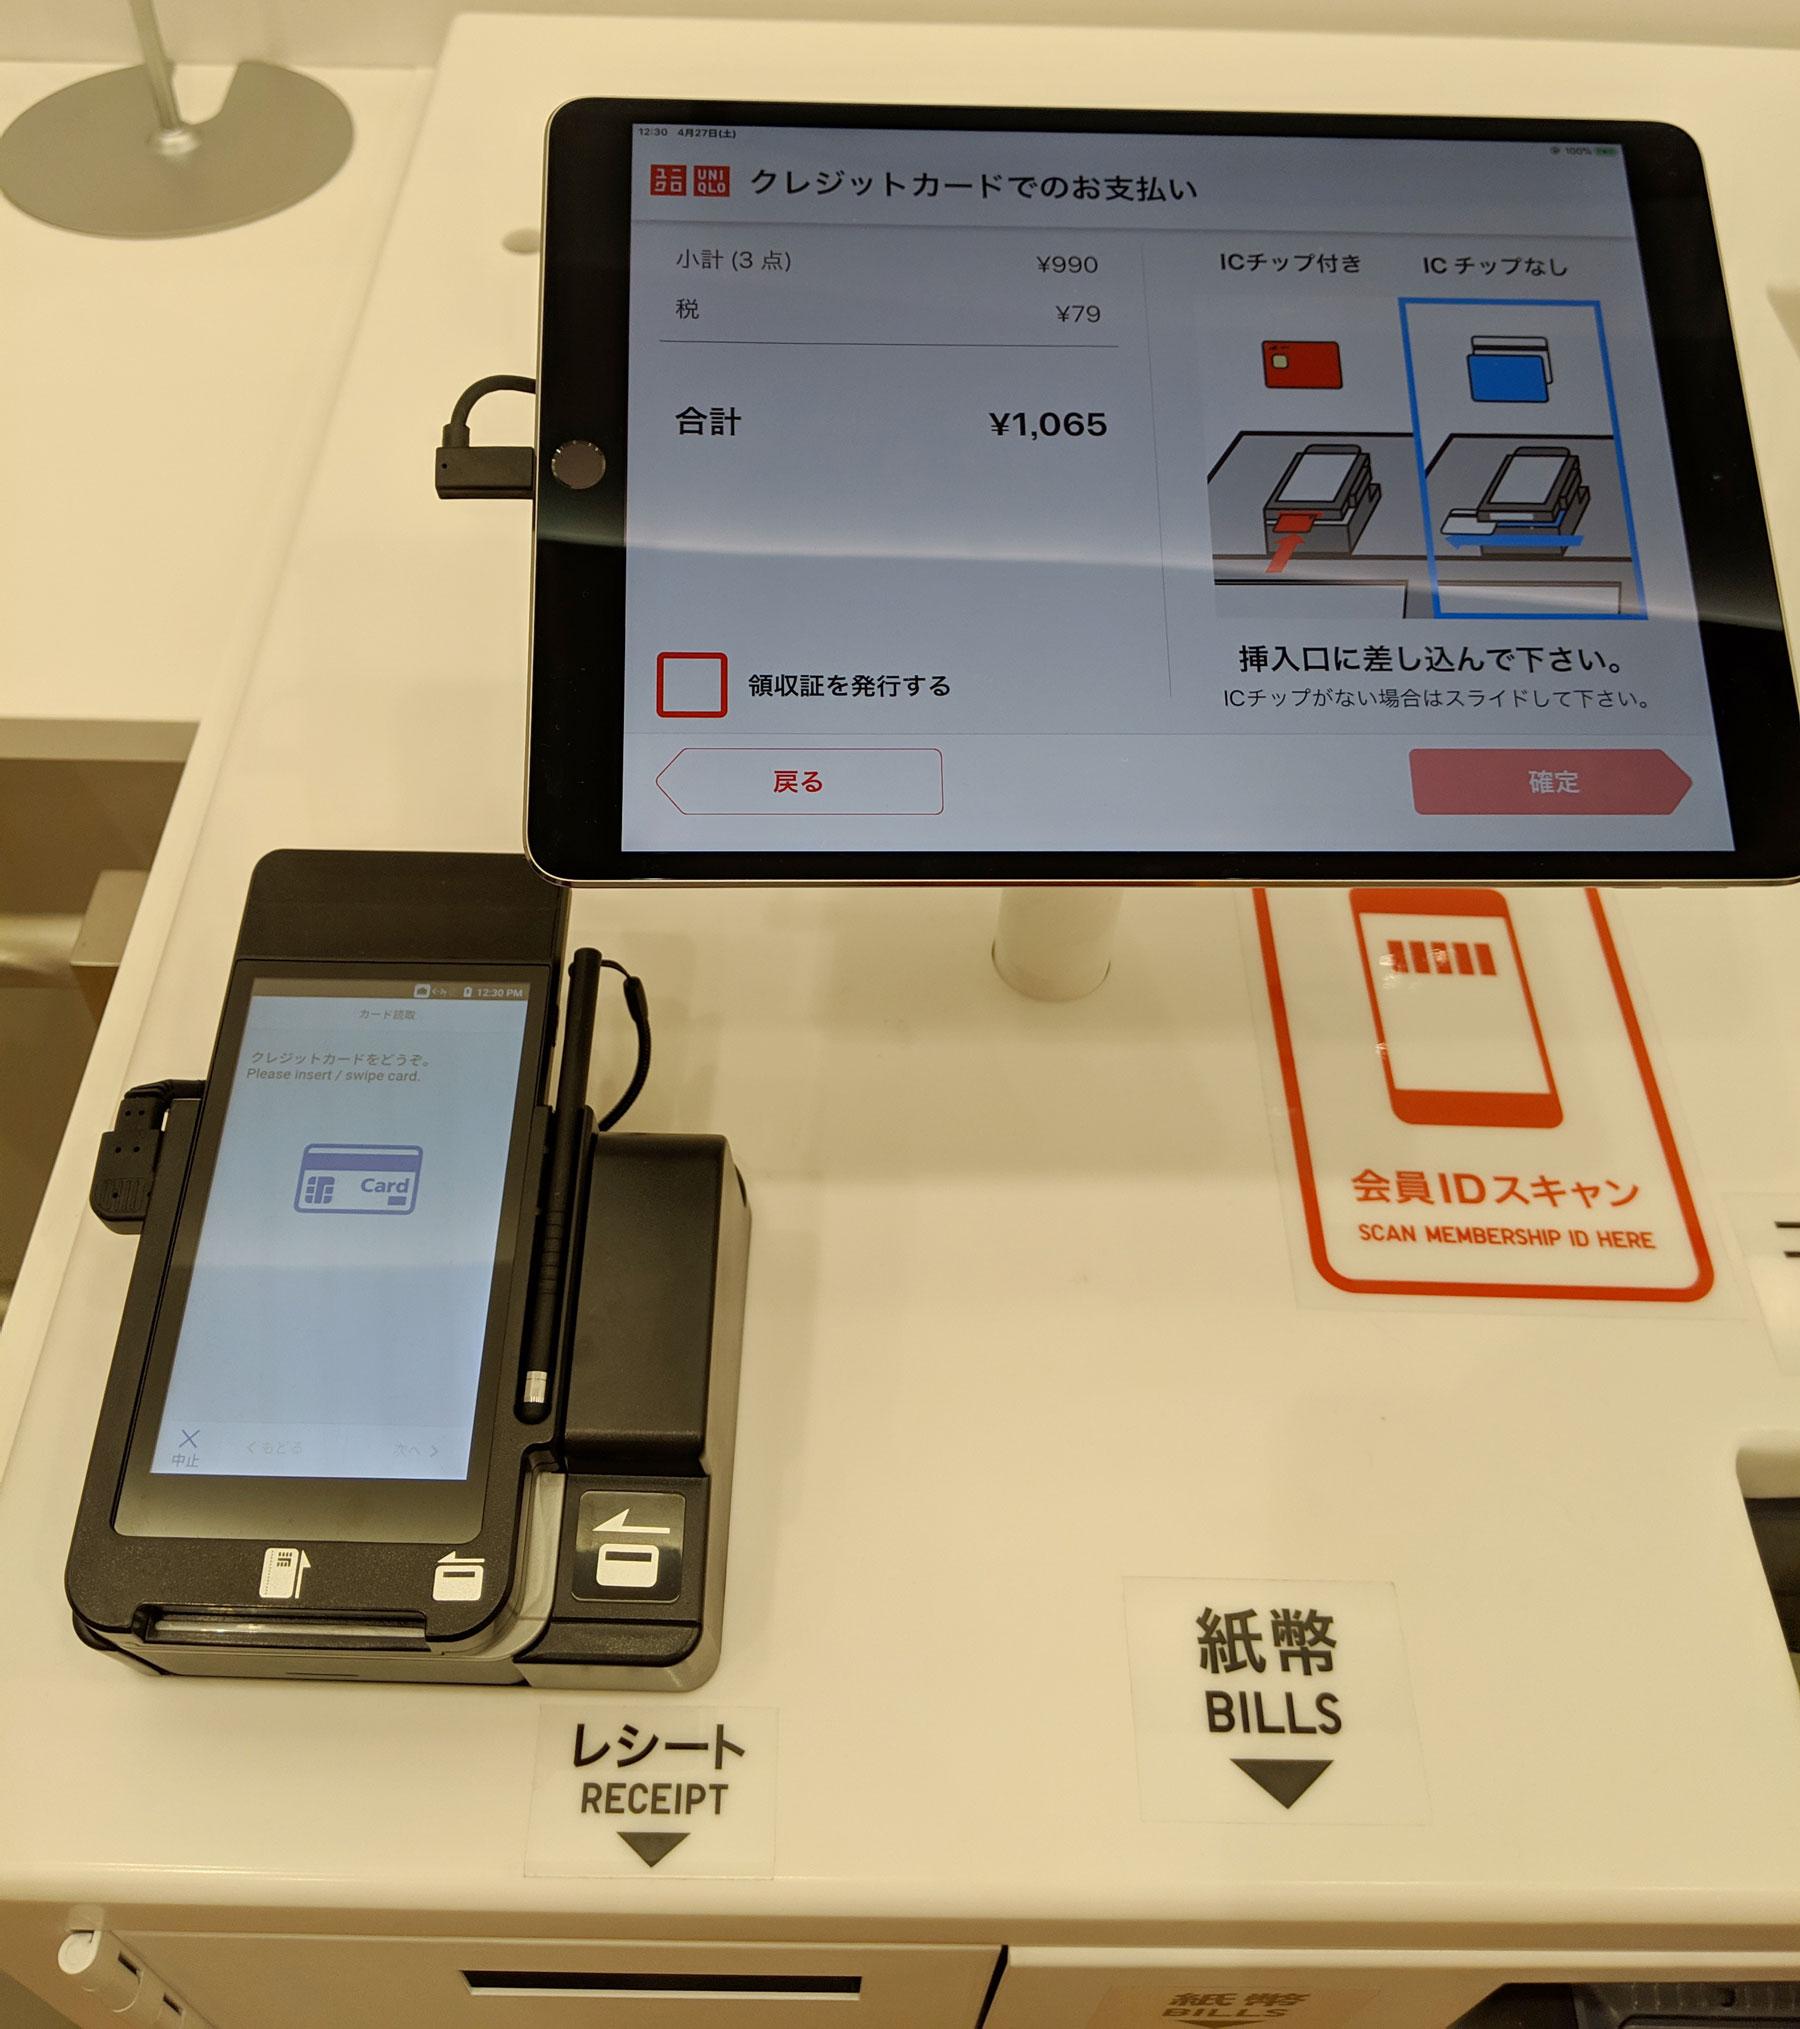 クレジットカードの支払方法が画面に表示されている